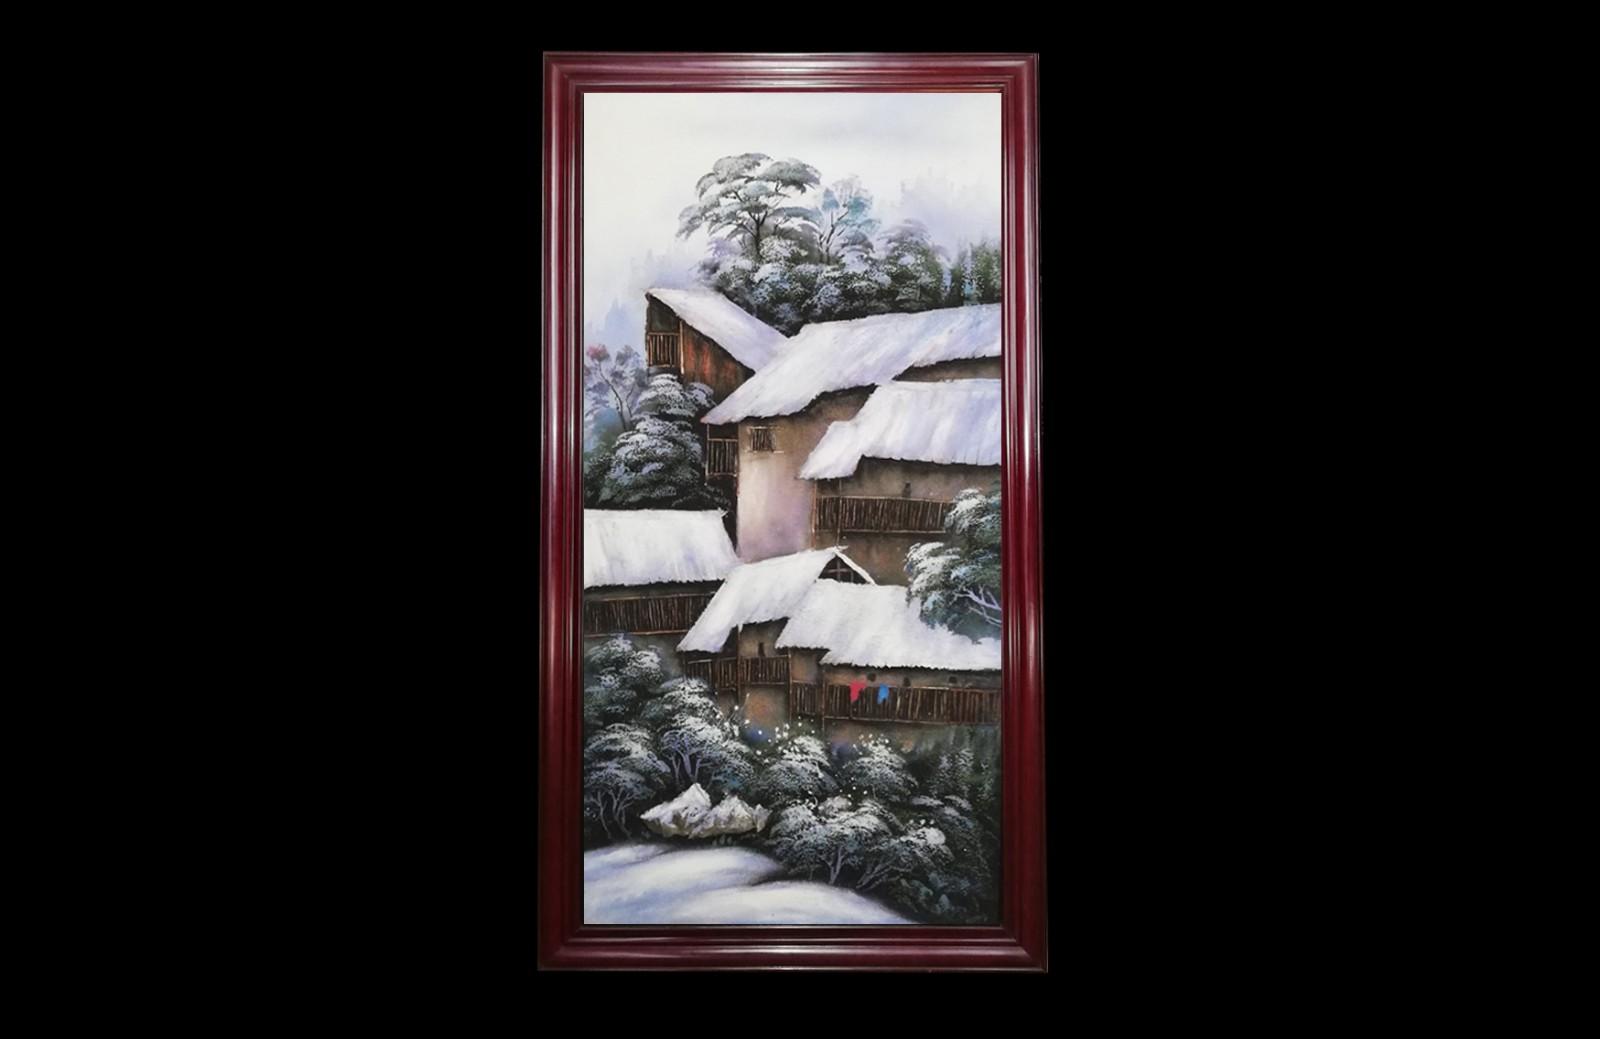 皓雪深处见禅缘